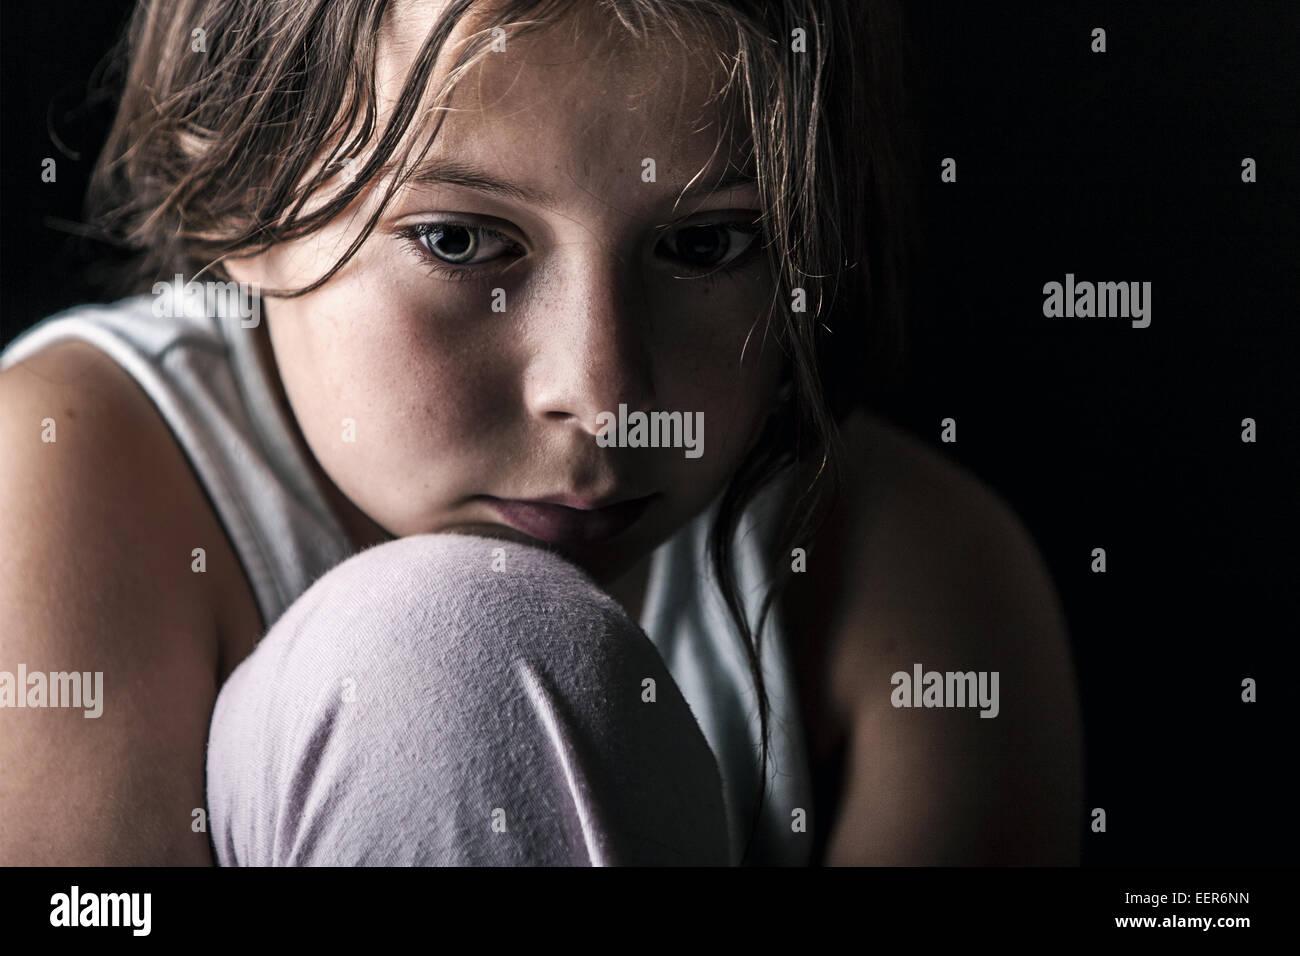 Powerful Shot of Sad Child - Stock Image